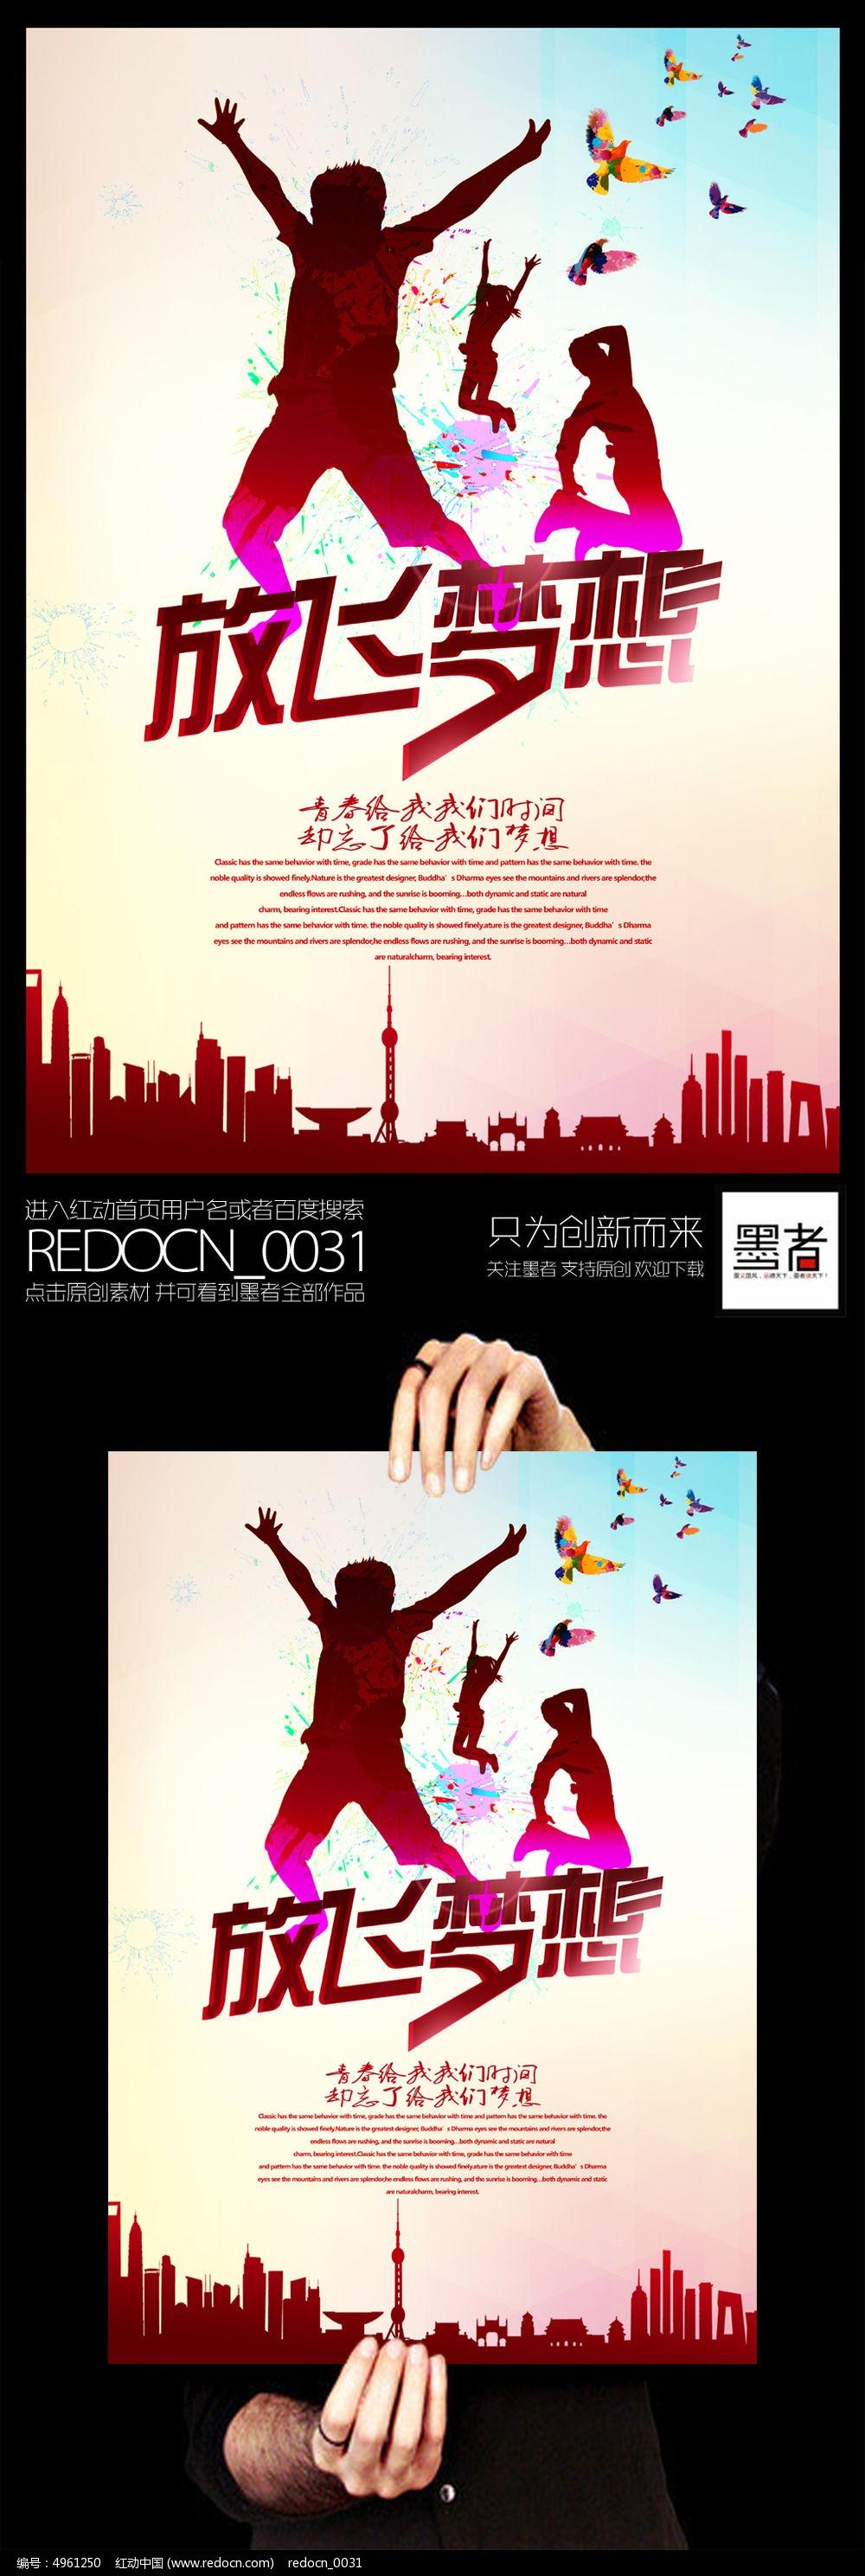 创意青春 时尚放飞梦想 海报设计 海报设计 宣传图片